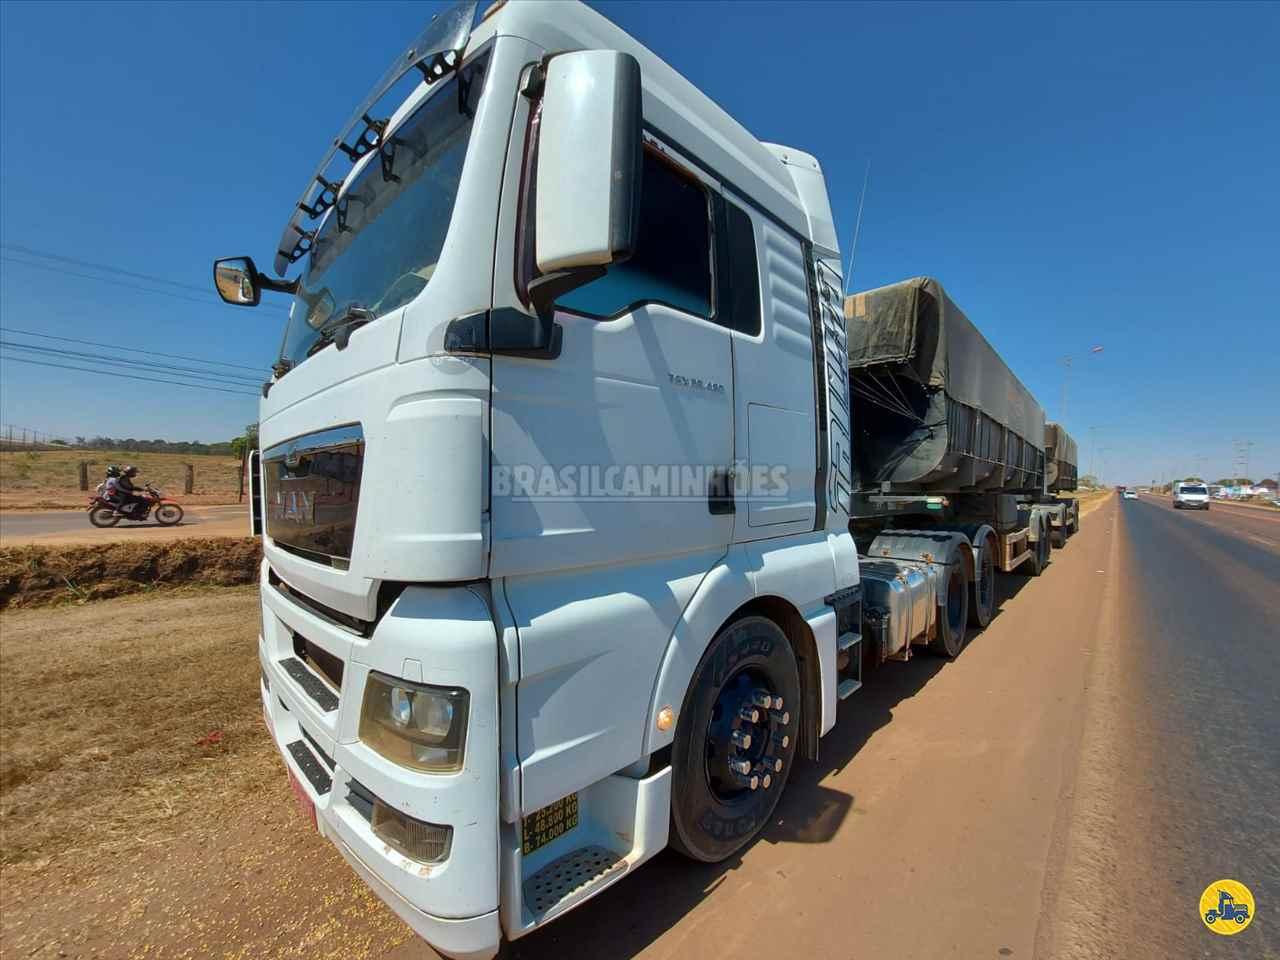 CAMINHAO MAN TGX 29 480 Caçamba Basculante Traçado 6x4 Brasil Caminhões Sinop SINOP MATO GROSSO MT